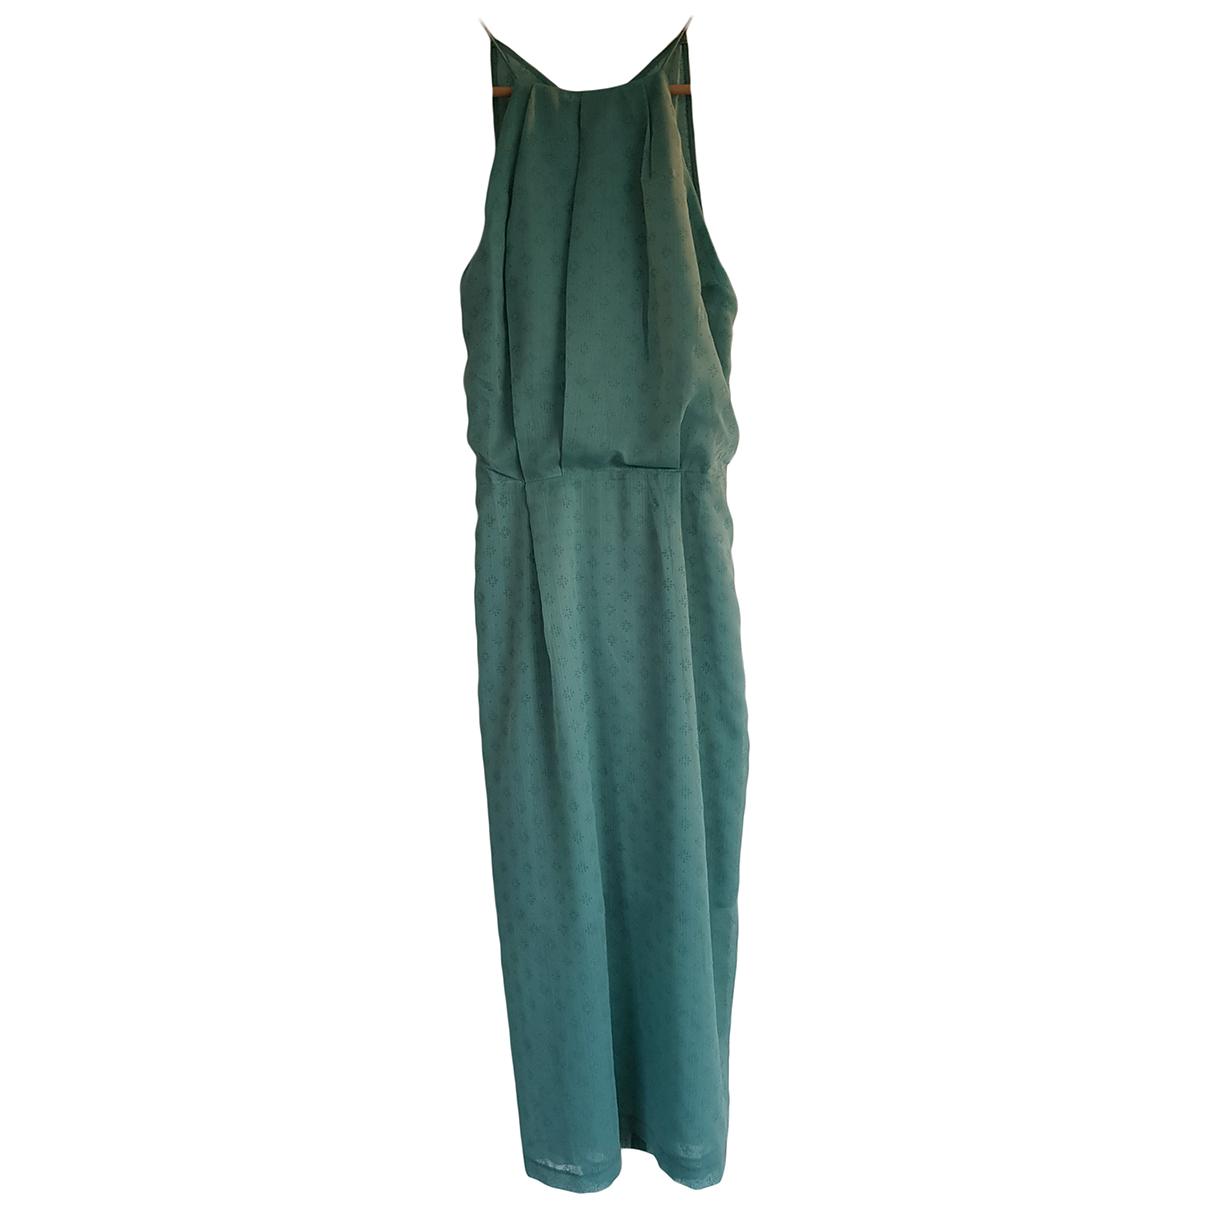 Samsoe & Samsoe \N Kleid in  Gruen Polyester